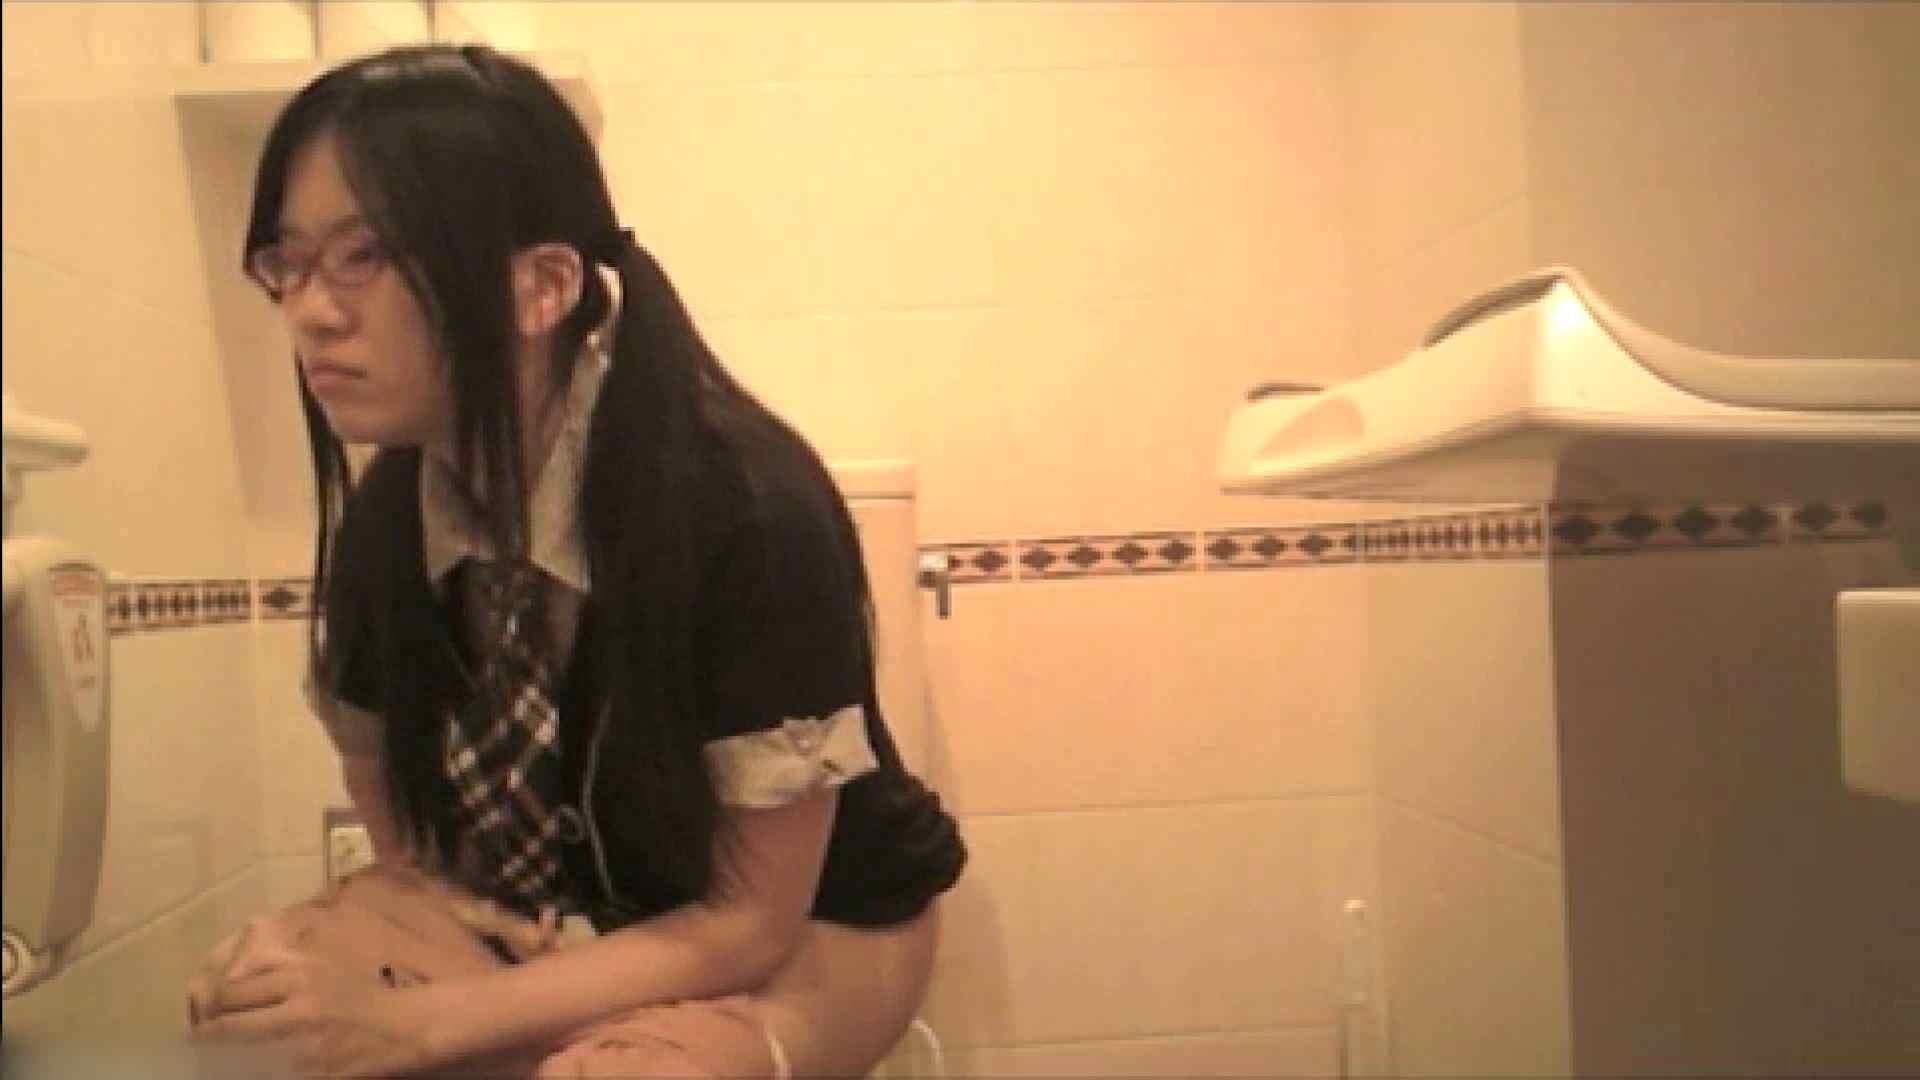 実録!!綺麗なお姉さんのトイレ事情・・・。vol.19 独身エッチOL   お姉さんの女体  22pic 13